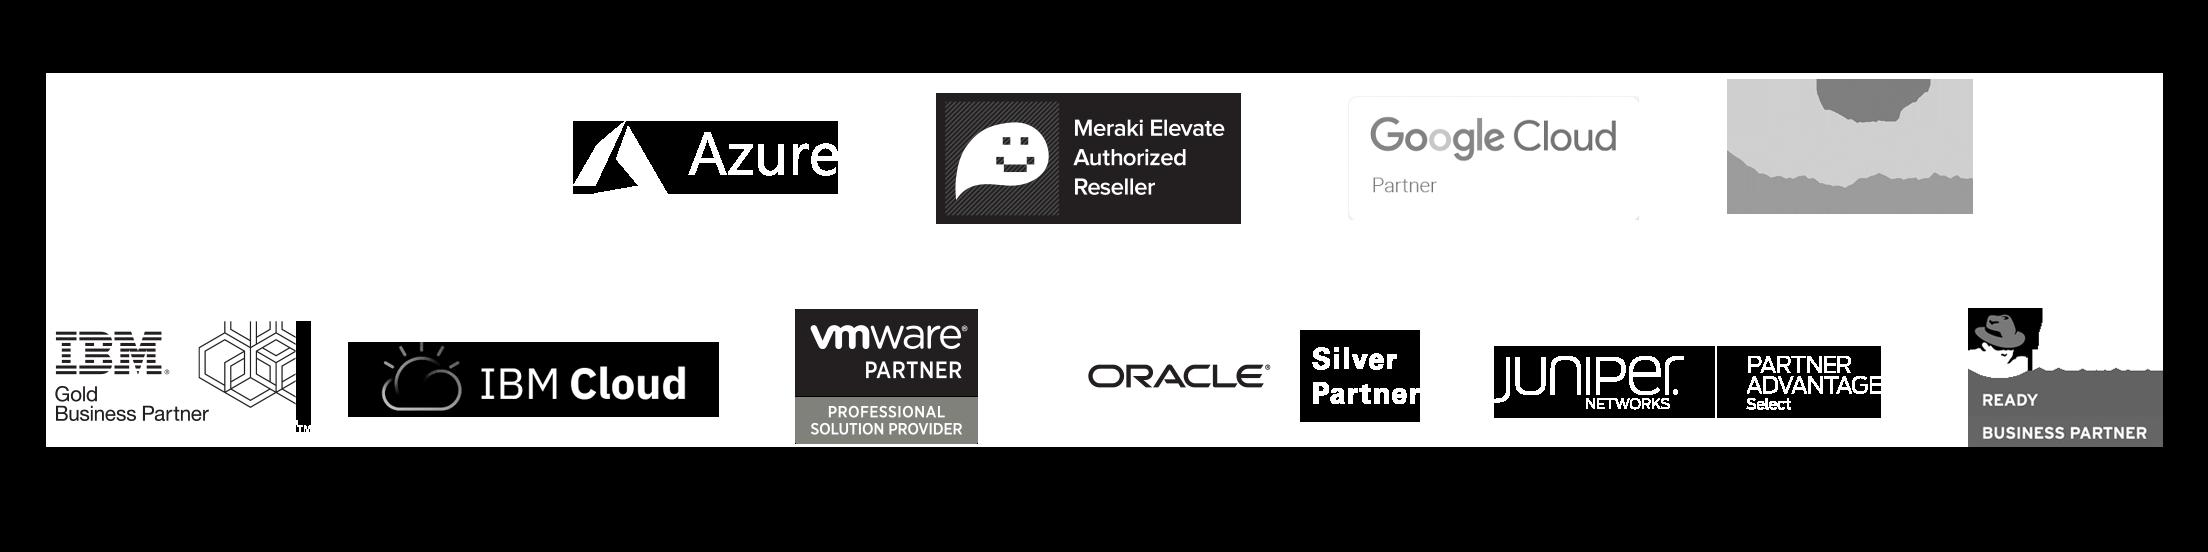 partner_logos_v6